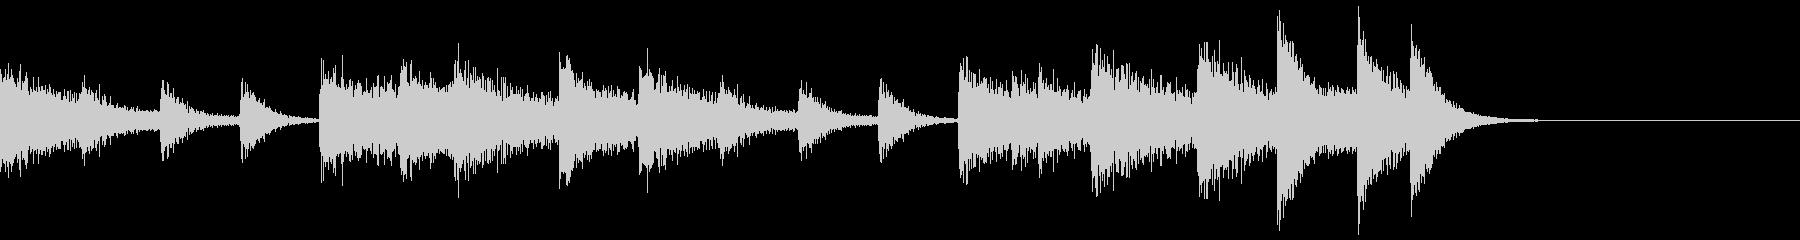 不協和音コードが美しいピアノジングルの未再生の波形